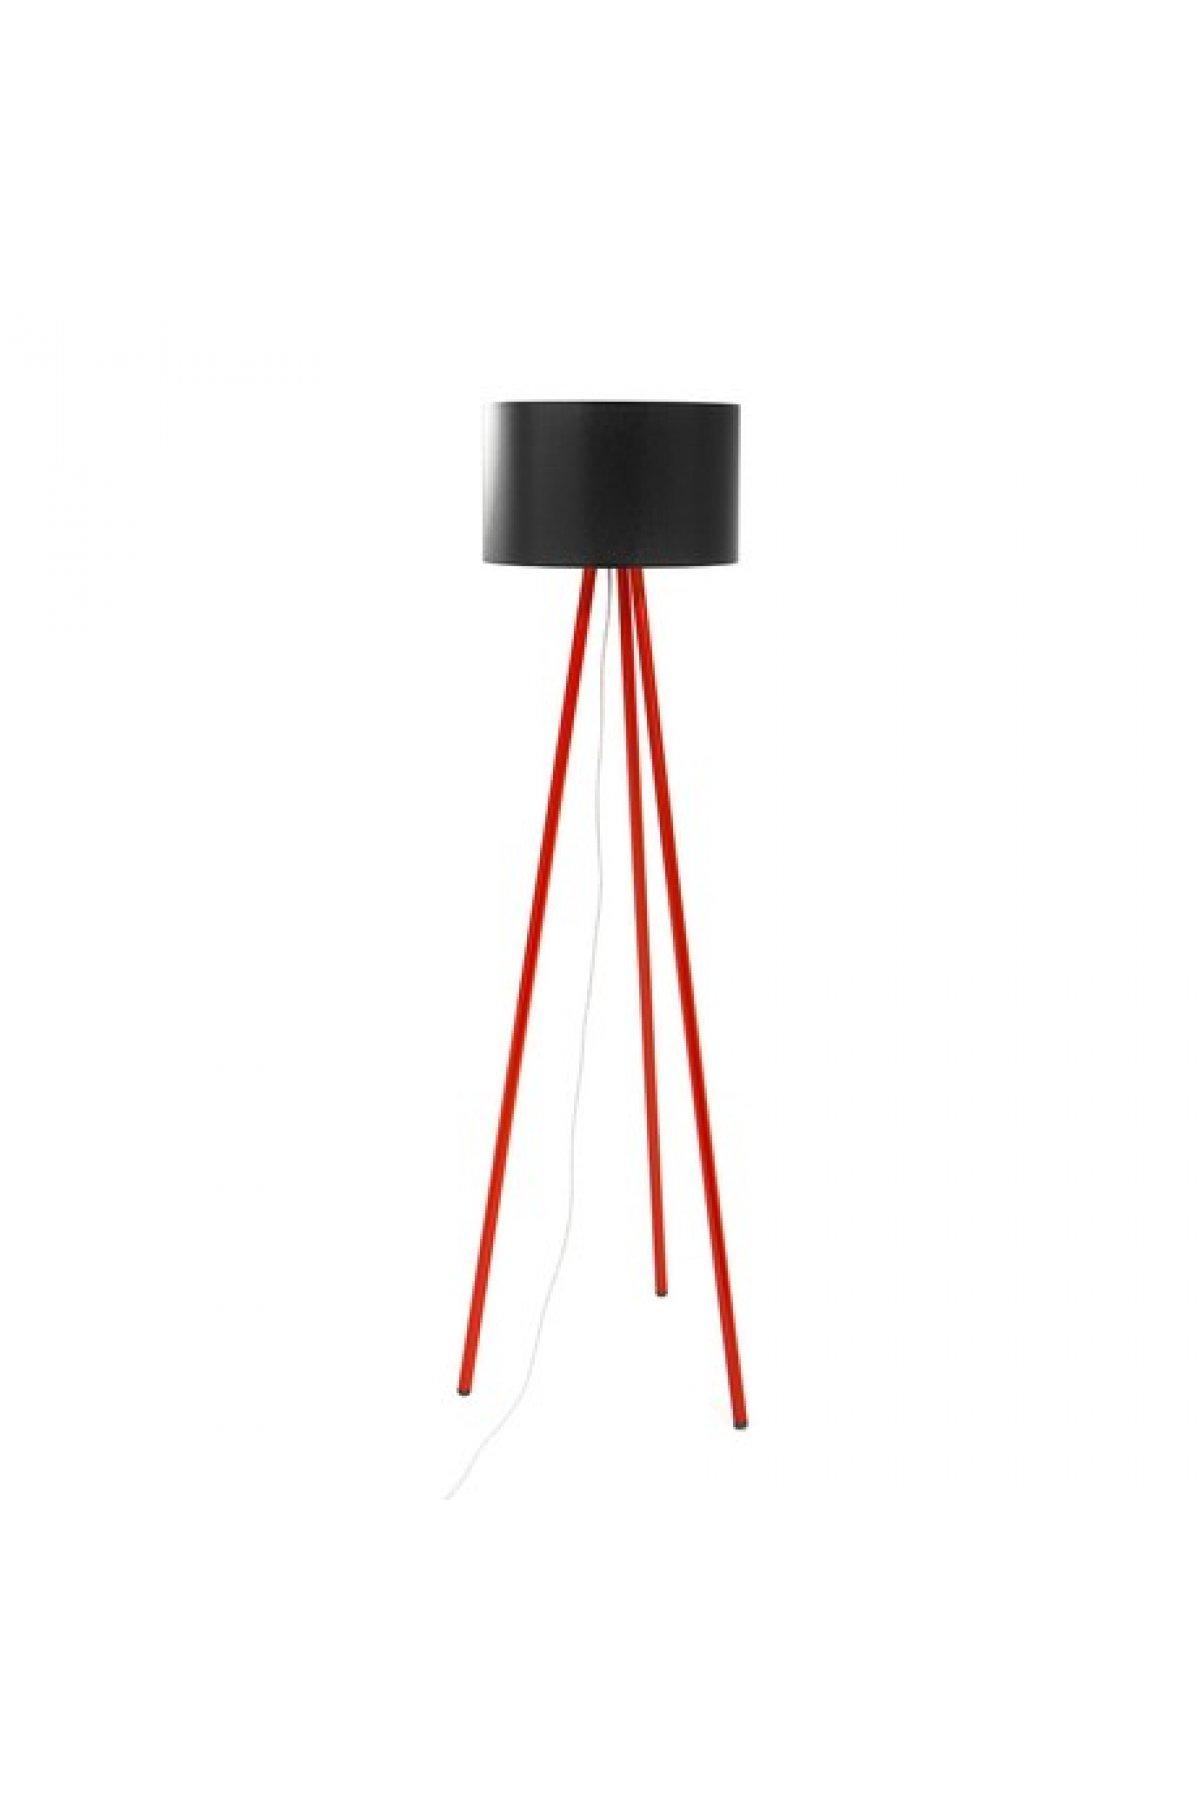 Evsimo Tom Lambader Kırmızı Gövde - Siyah Şapka